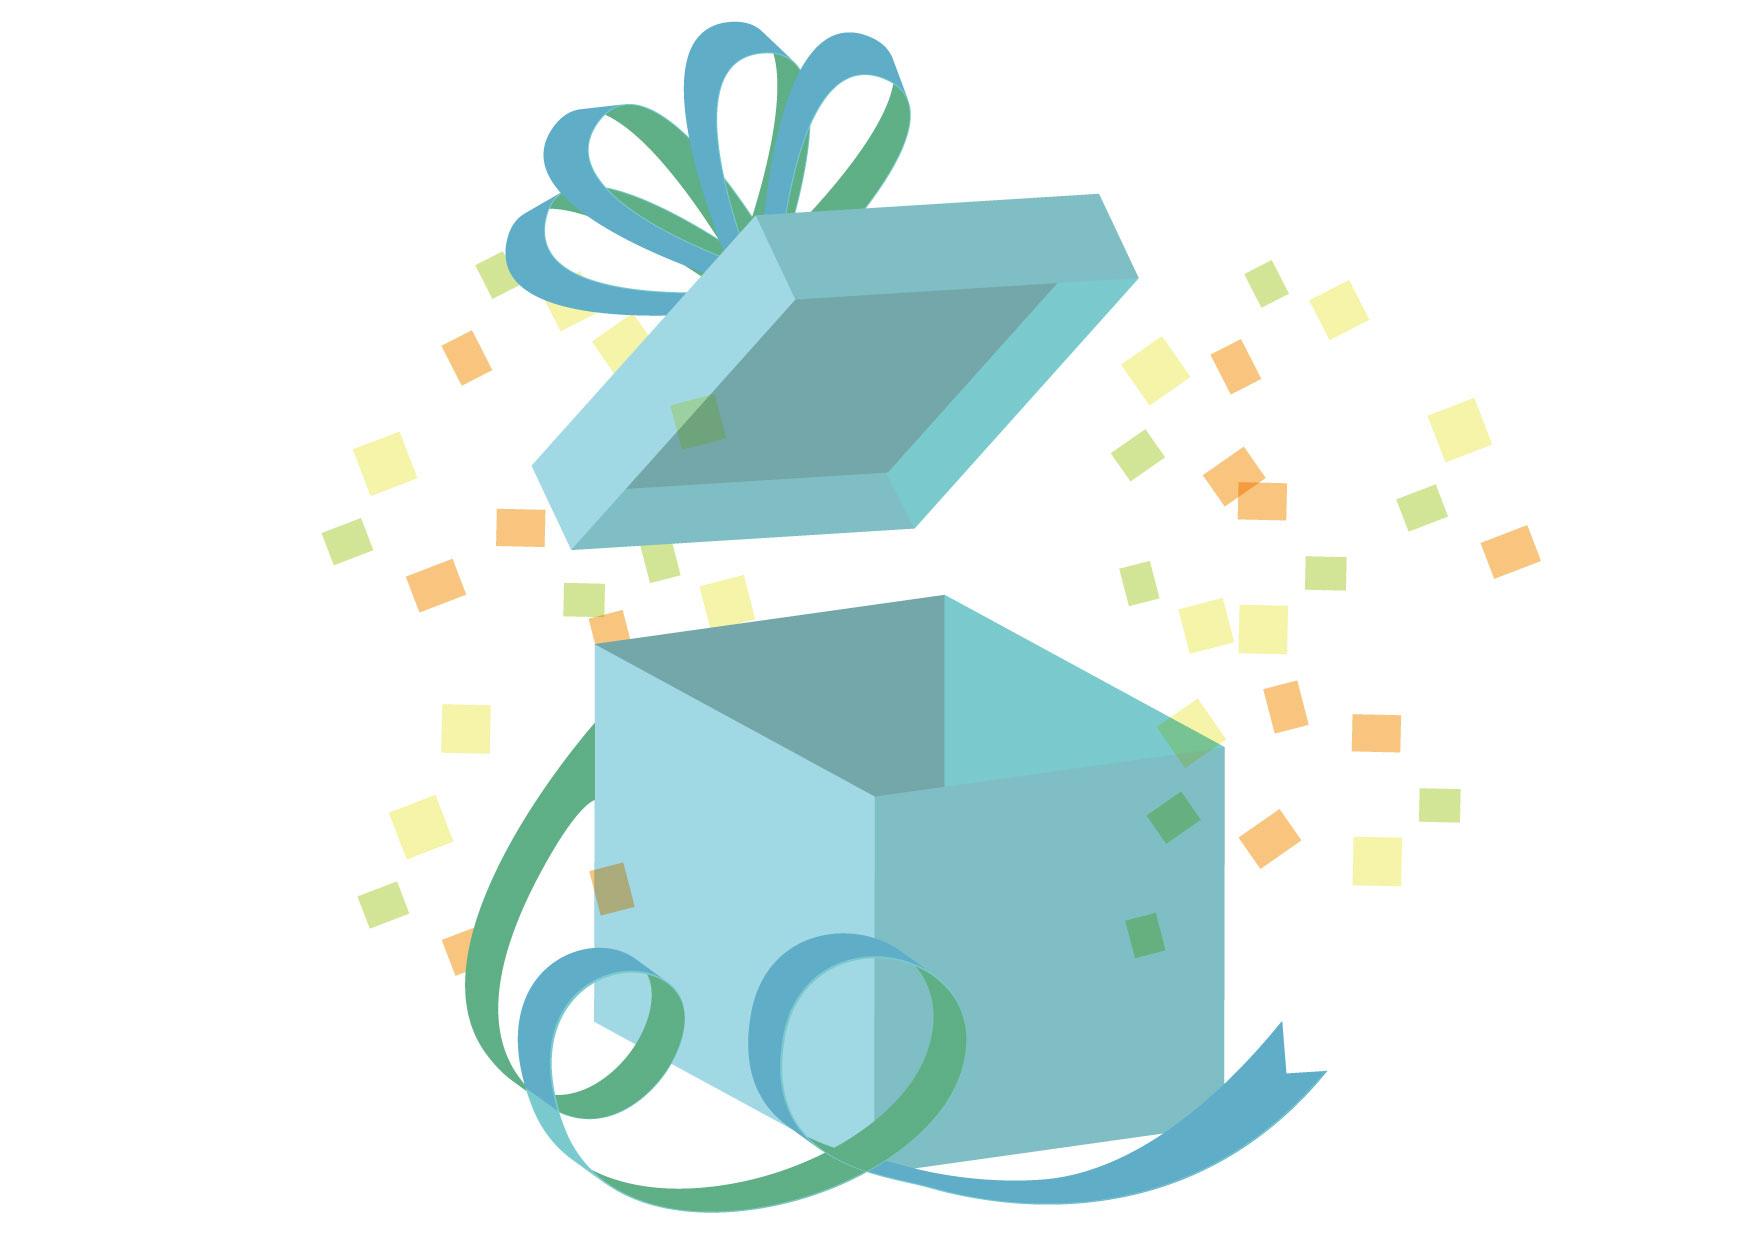 可愛いイラスト無料|サプライズ プレゼント ブルー リボン − free illustration Surprise present blue ribbon